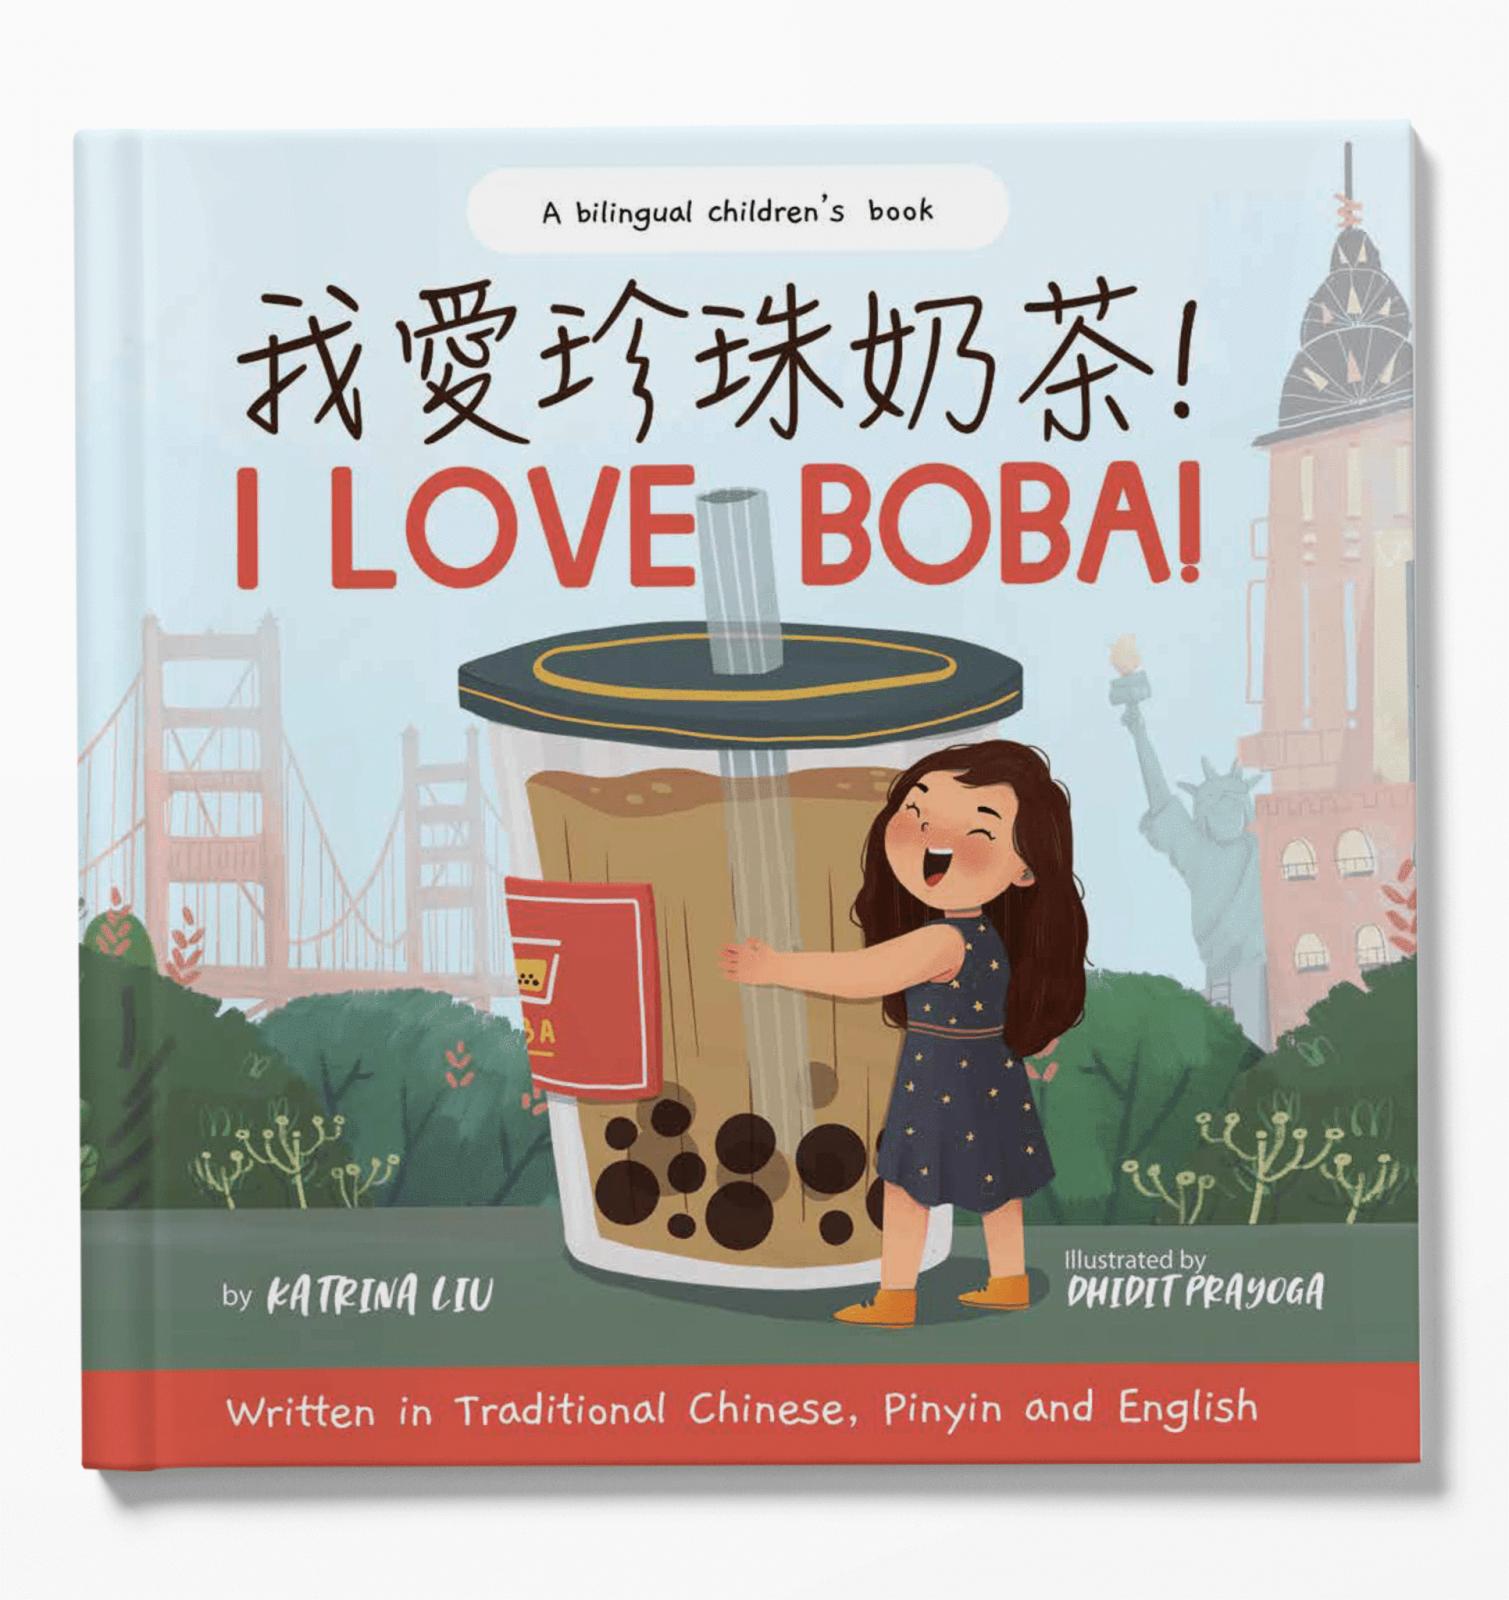 I Love Boba - A Bilingual Children's Book by Katrina Liu